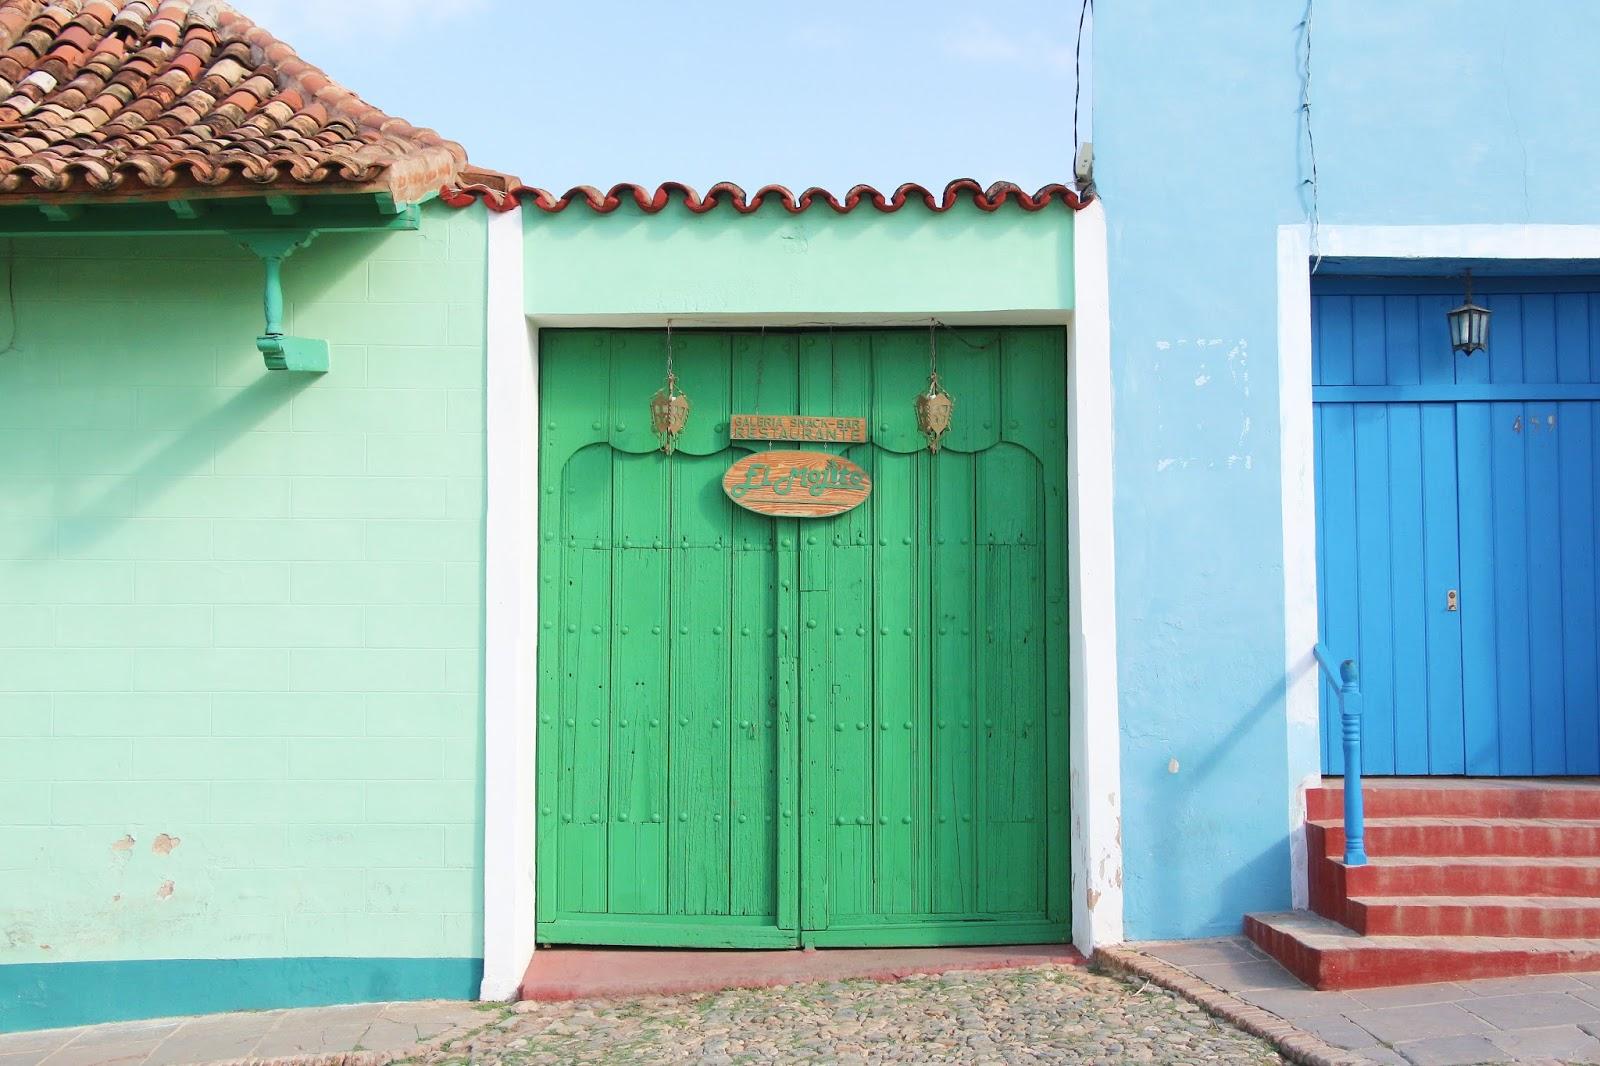 Porte verte El Mojito, Trinidad - Cuba